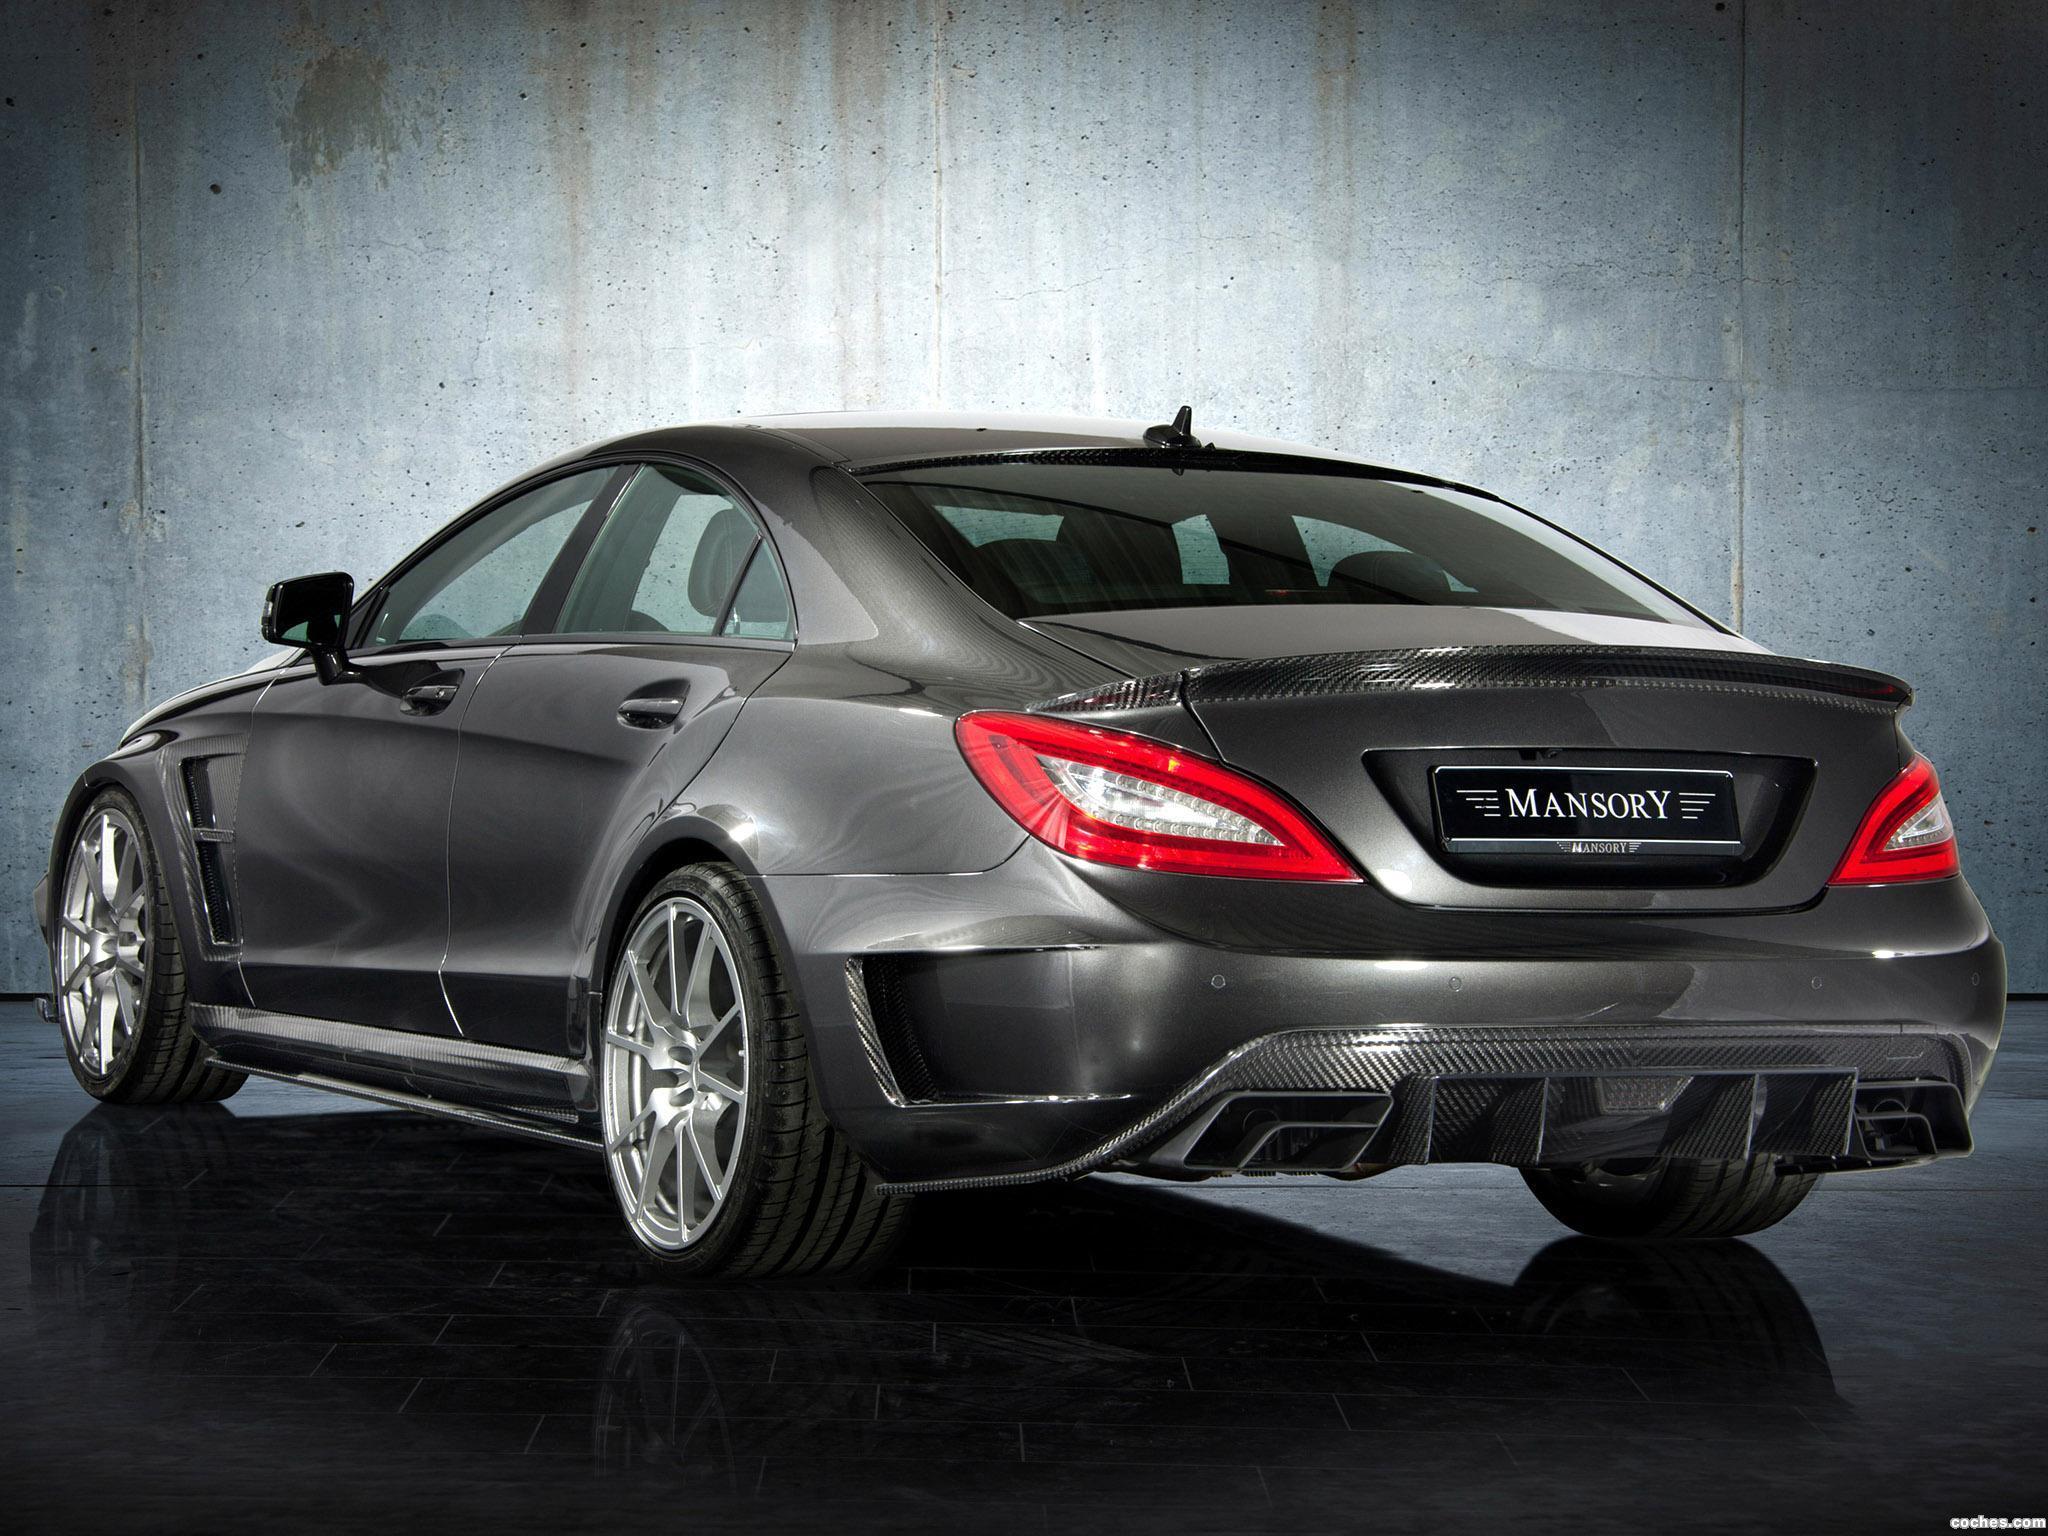 Foto 1 de Mansory Mercedes Clase CLS63 AMG 2012